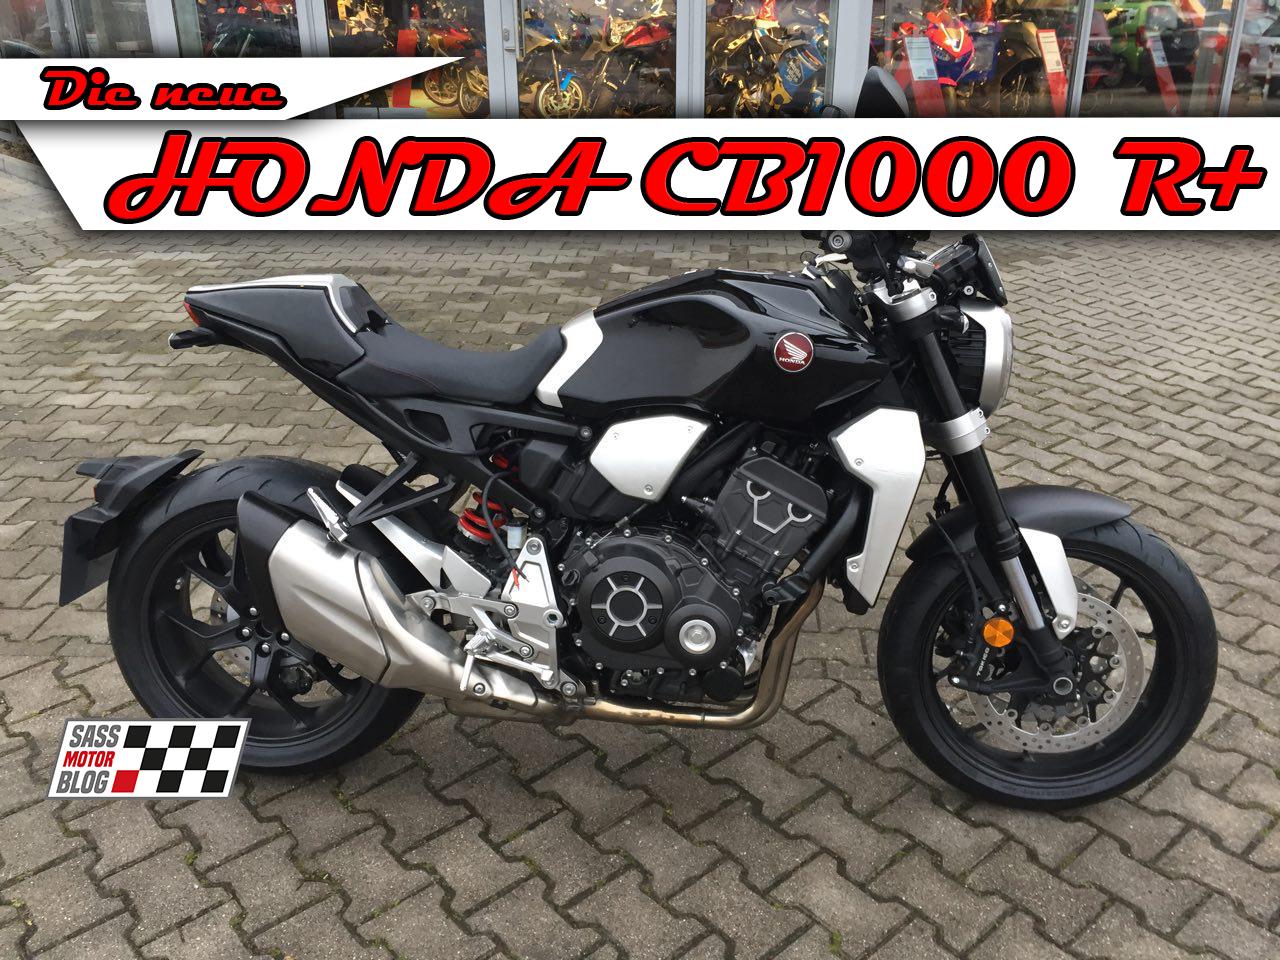 NEW HONDA 2018 CB 1000R +